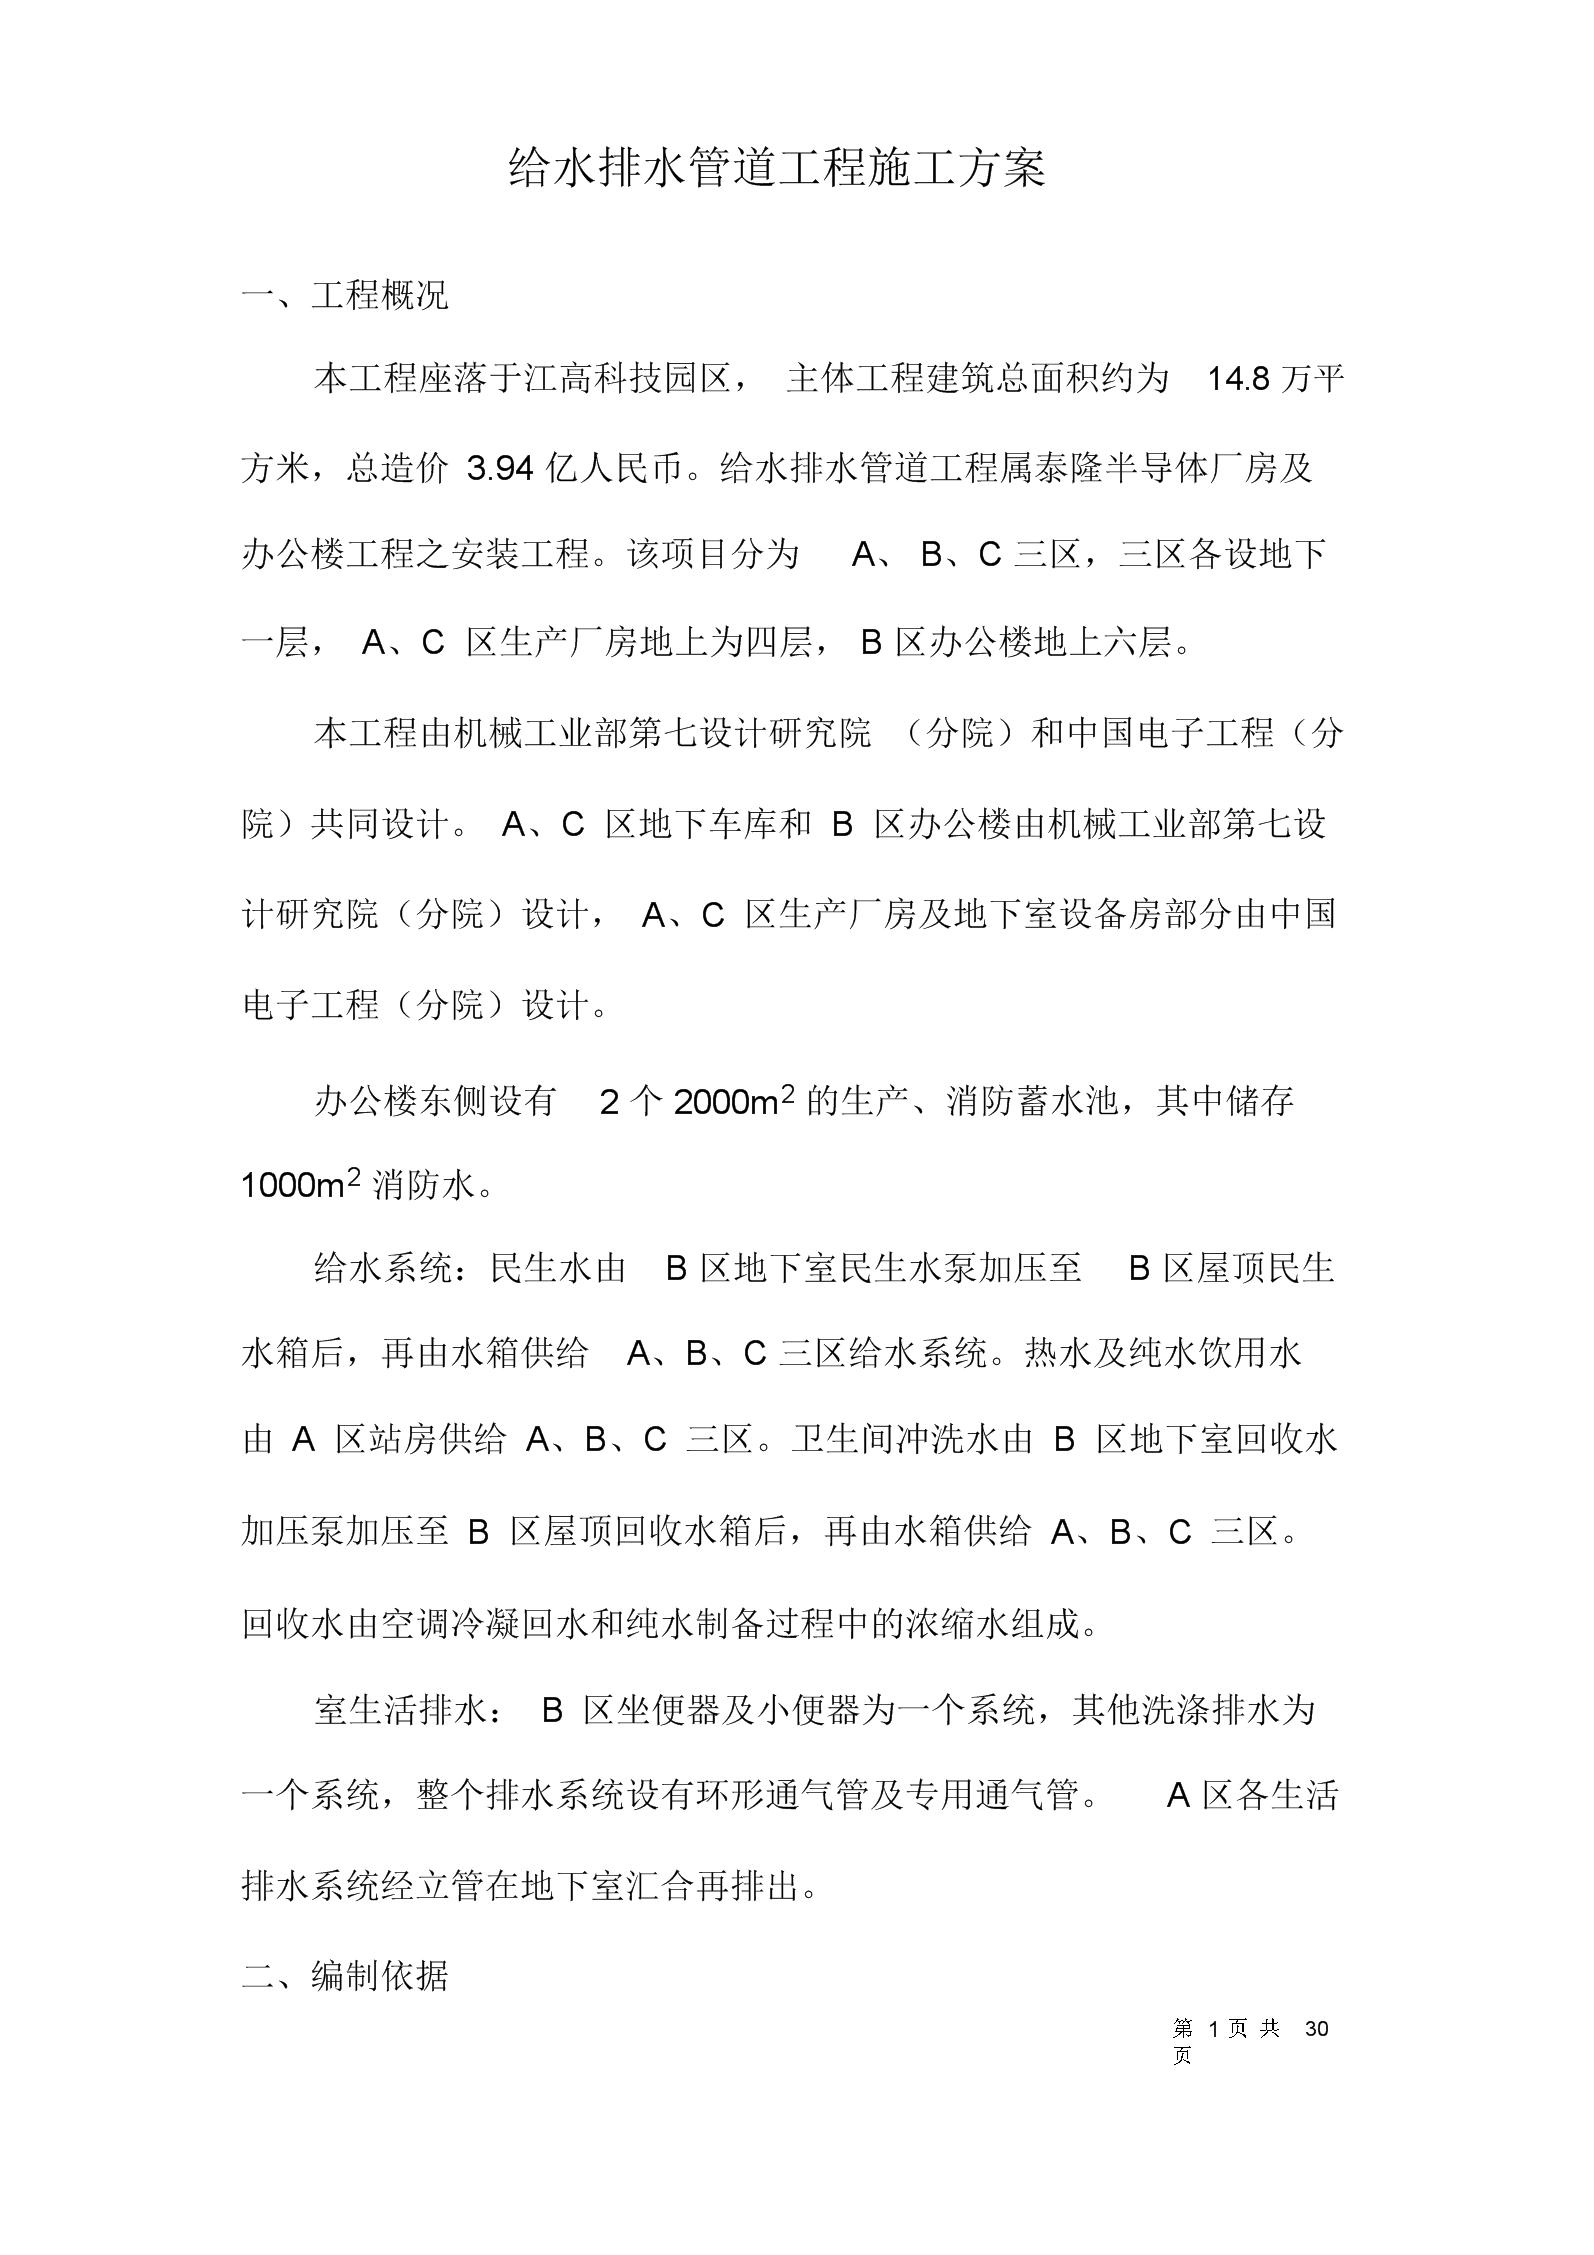 土木工程给水排水管道工程施工组织方案.doc